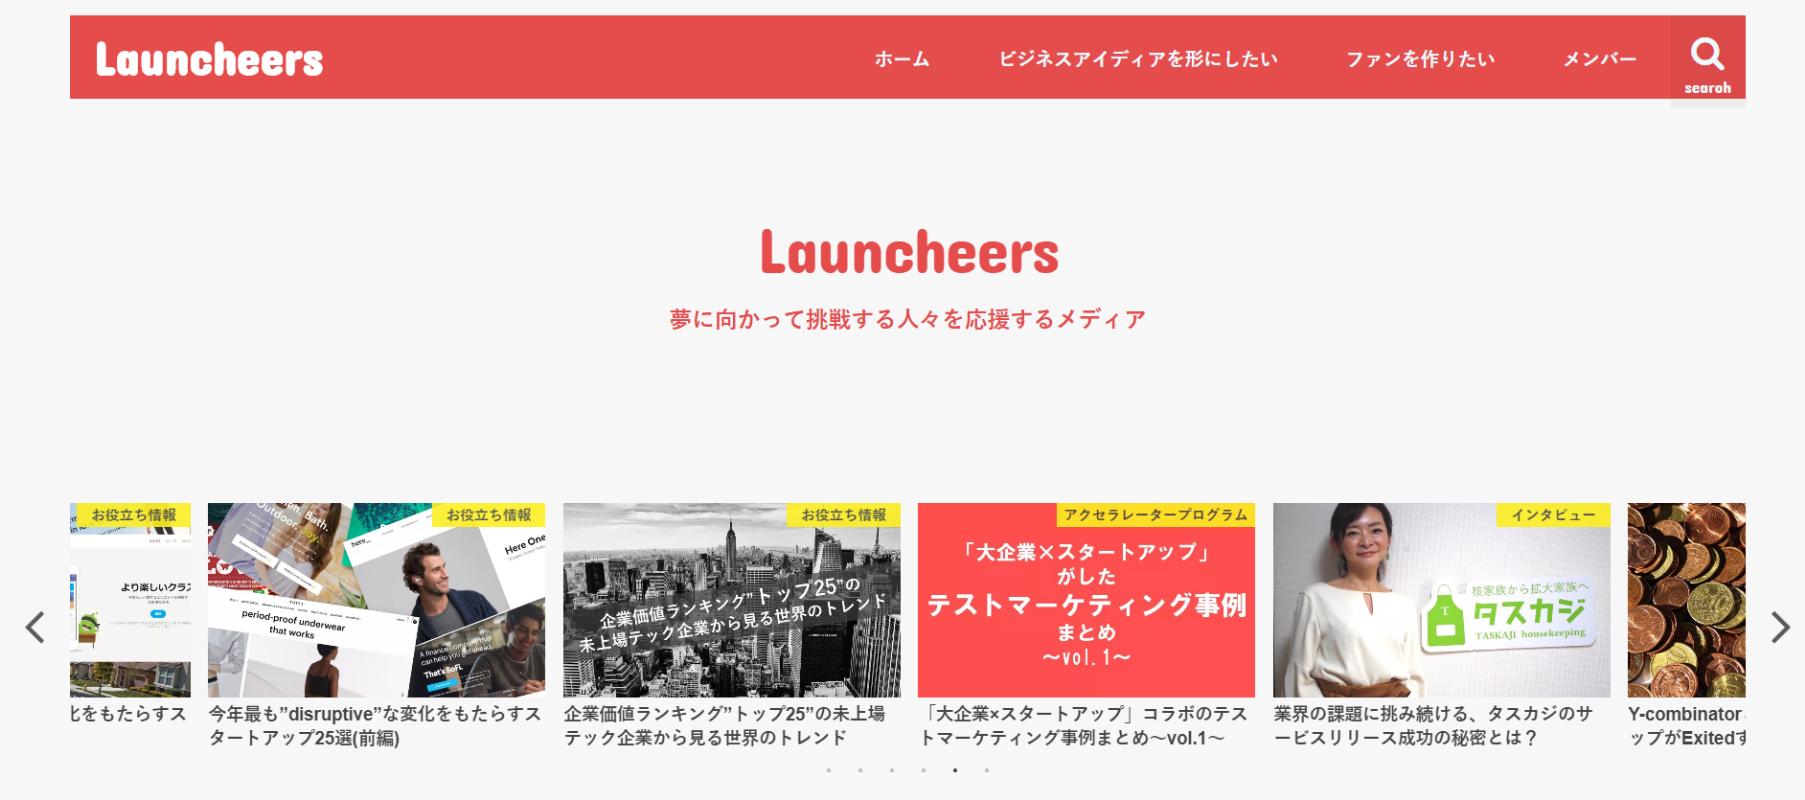 Launcheers